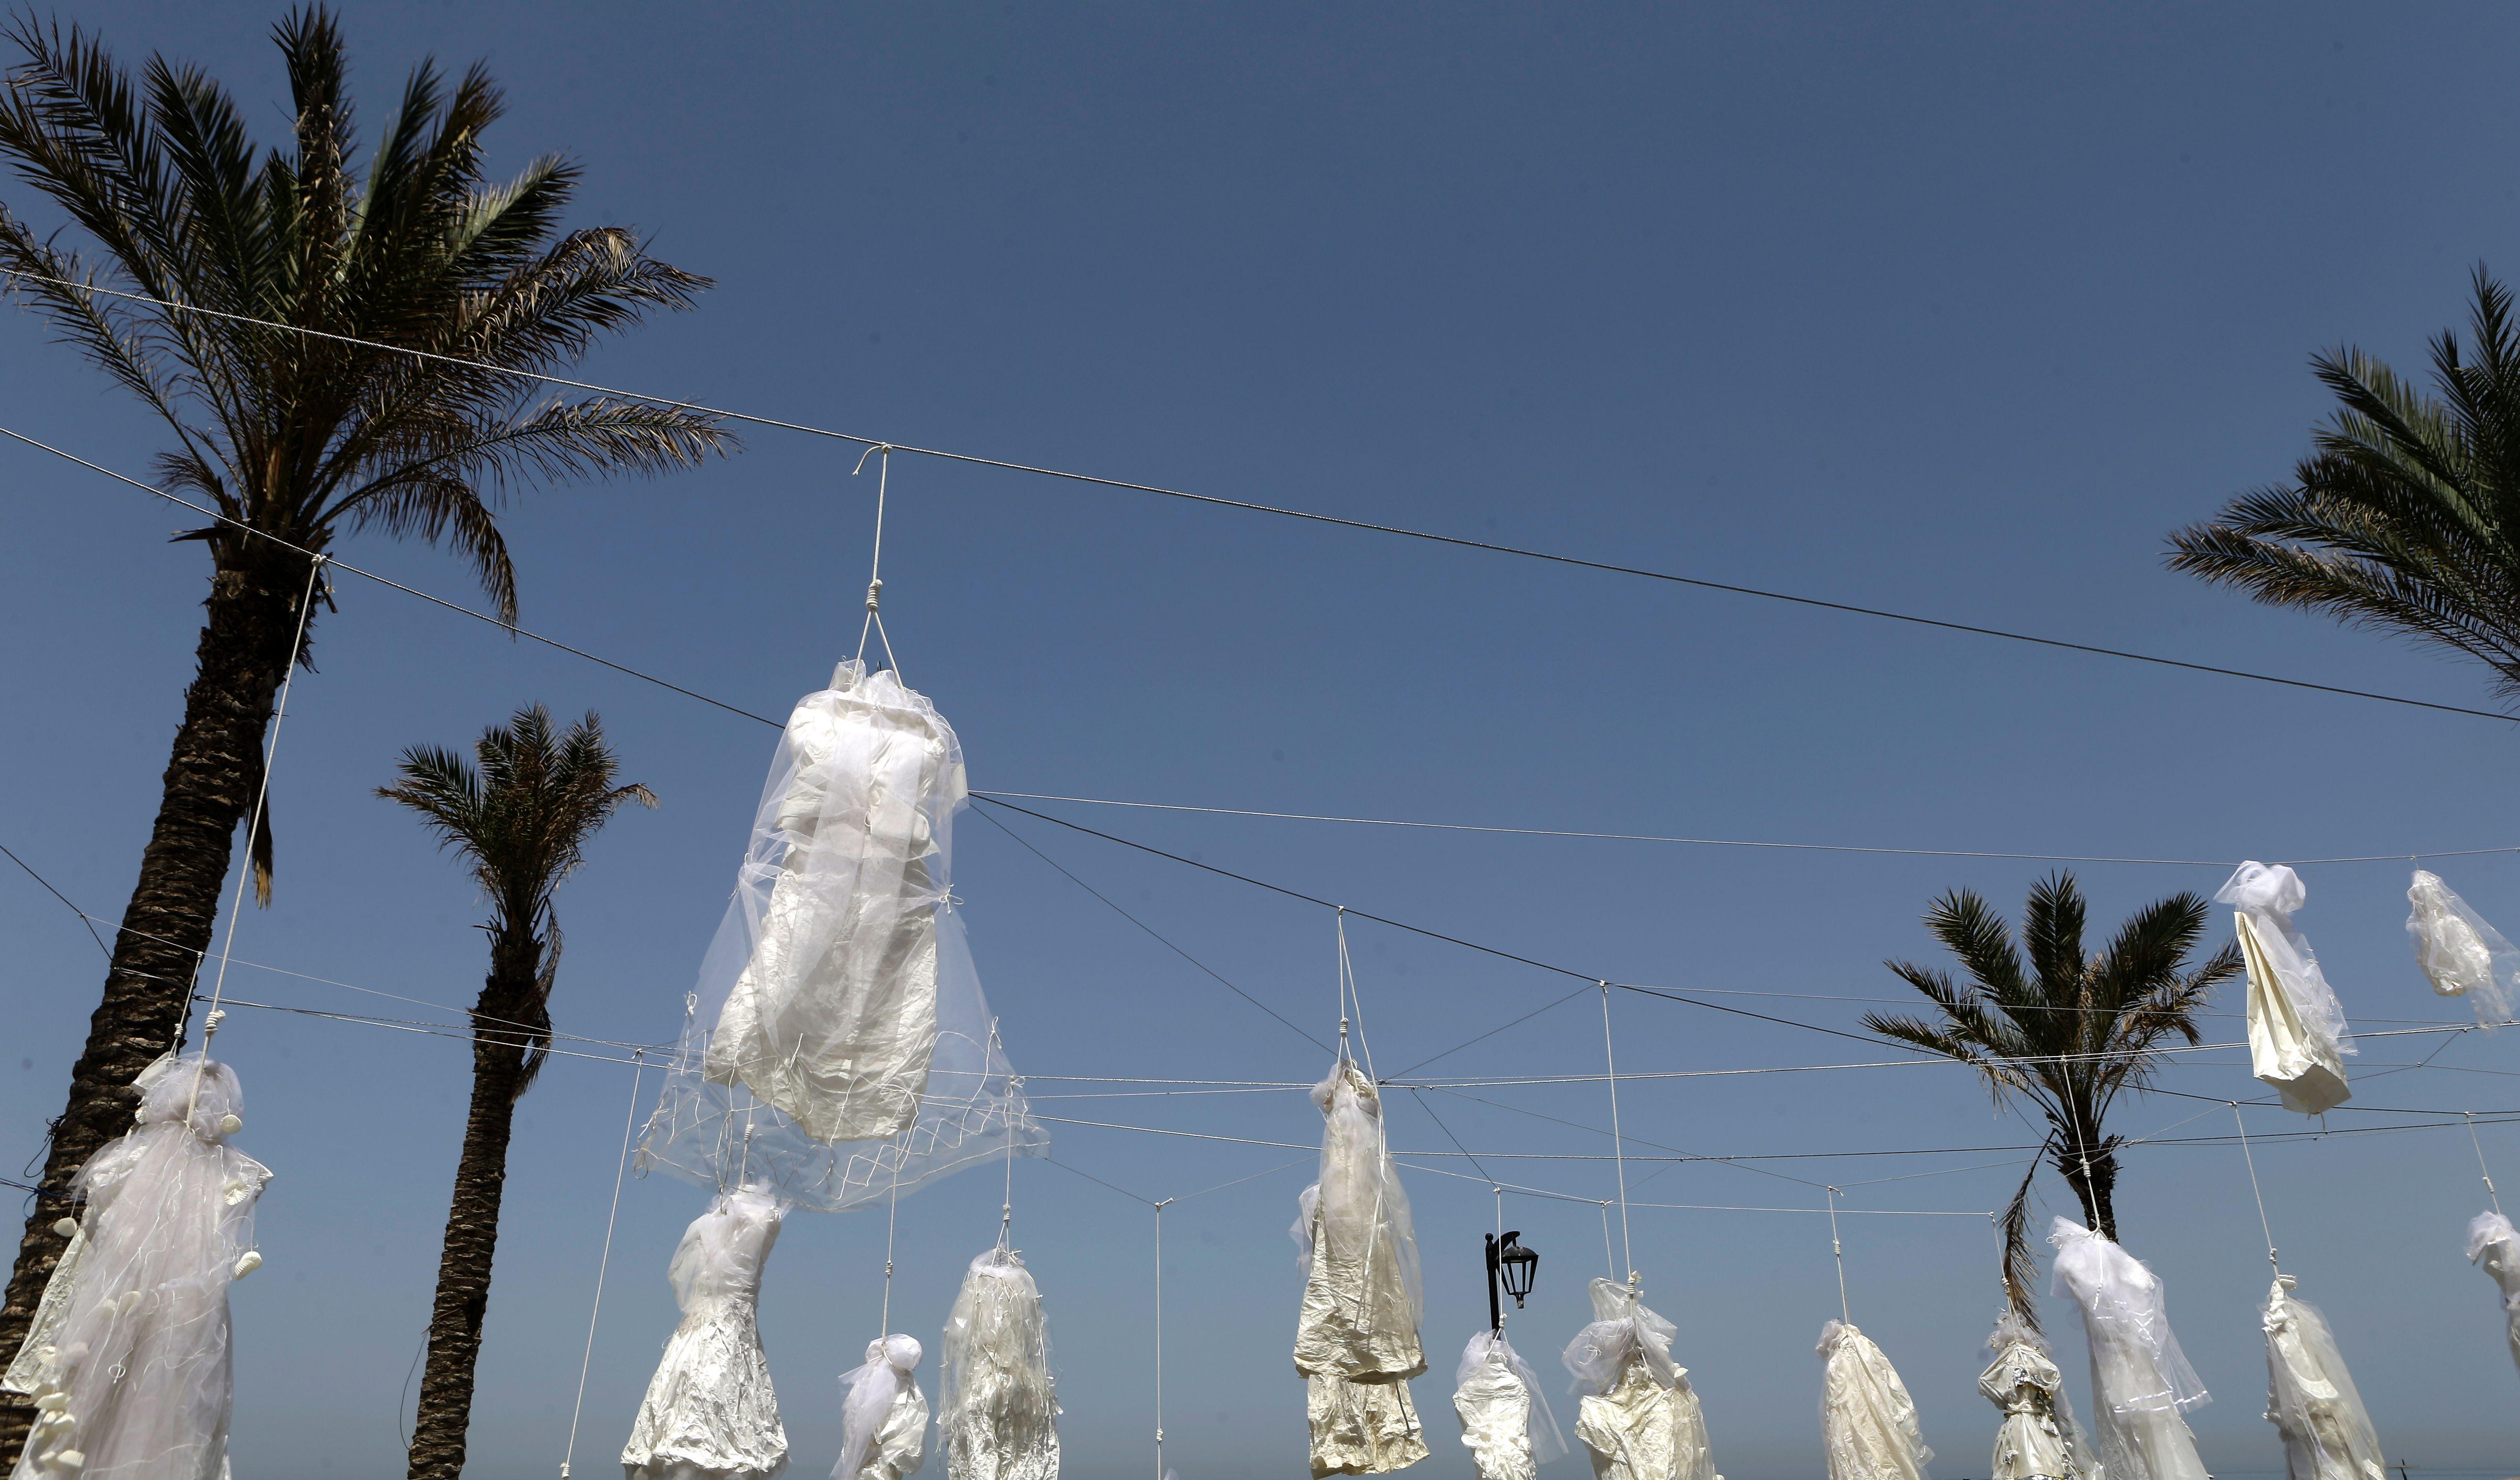 معرض رمزى للاعتراض على الاغتصاب فى لبنان